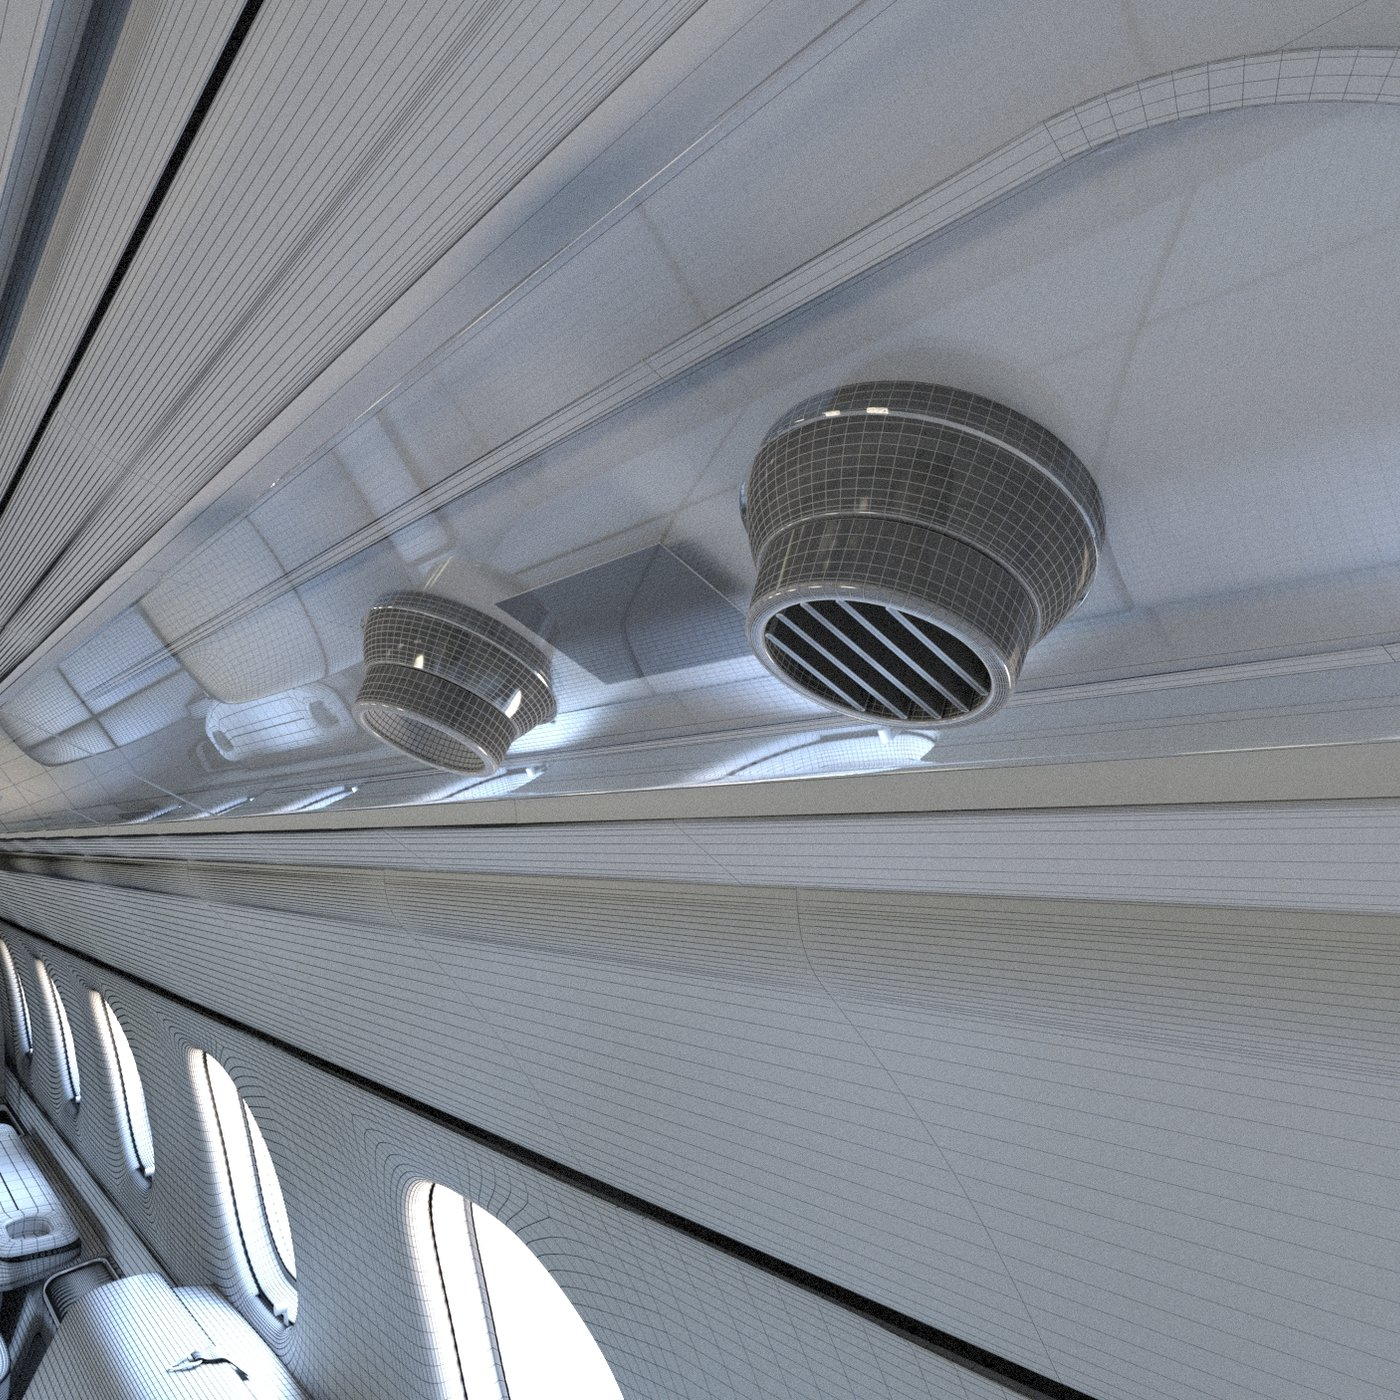 Interior Executive Aircraft - Embraer Legacy 500